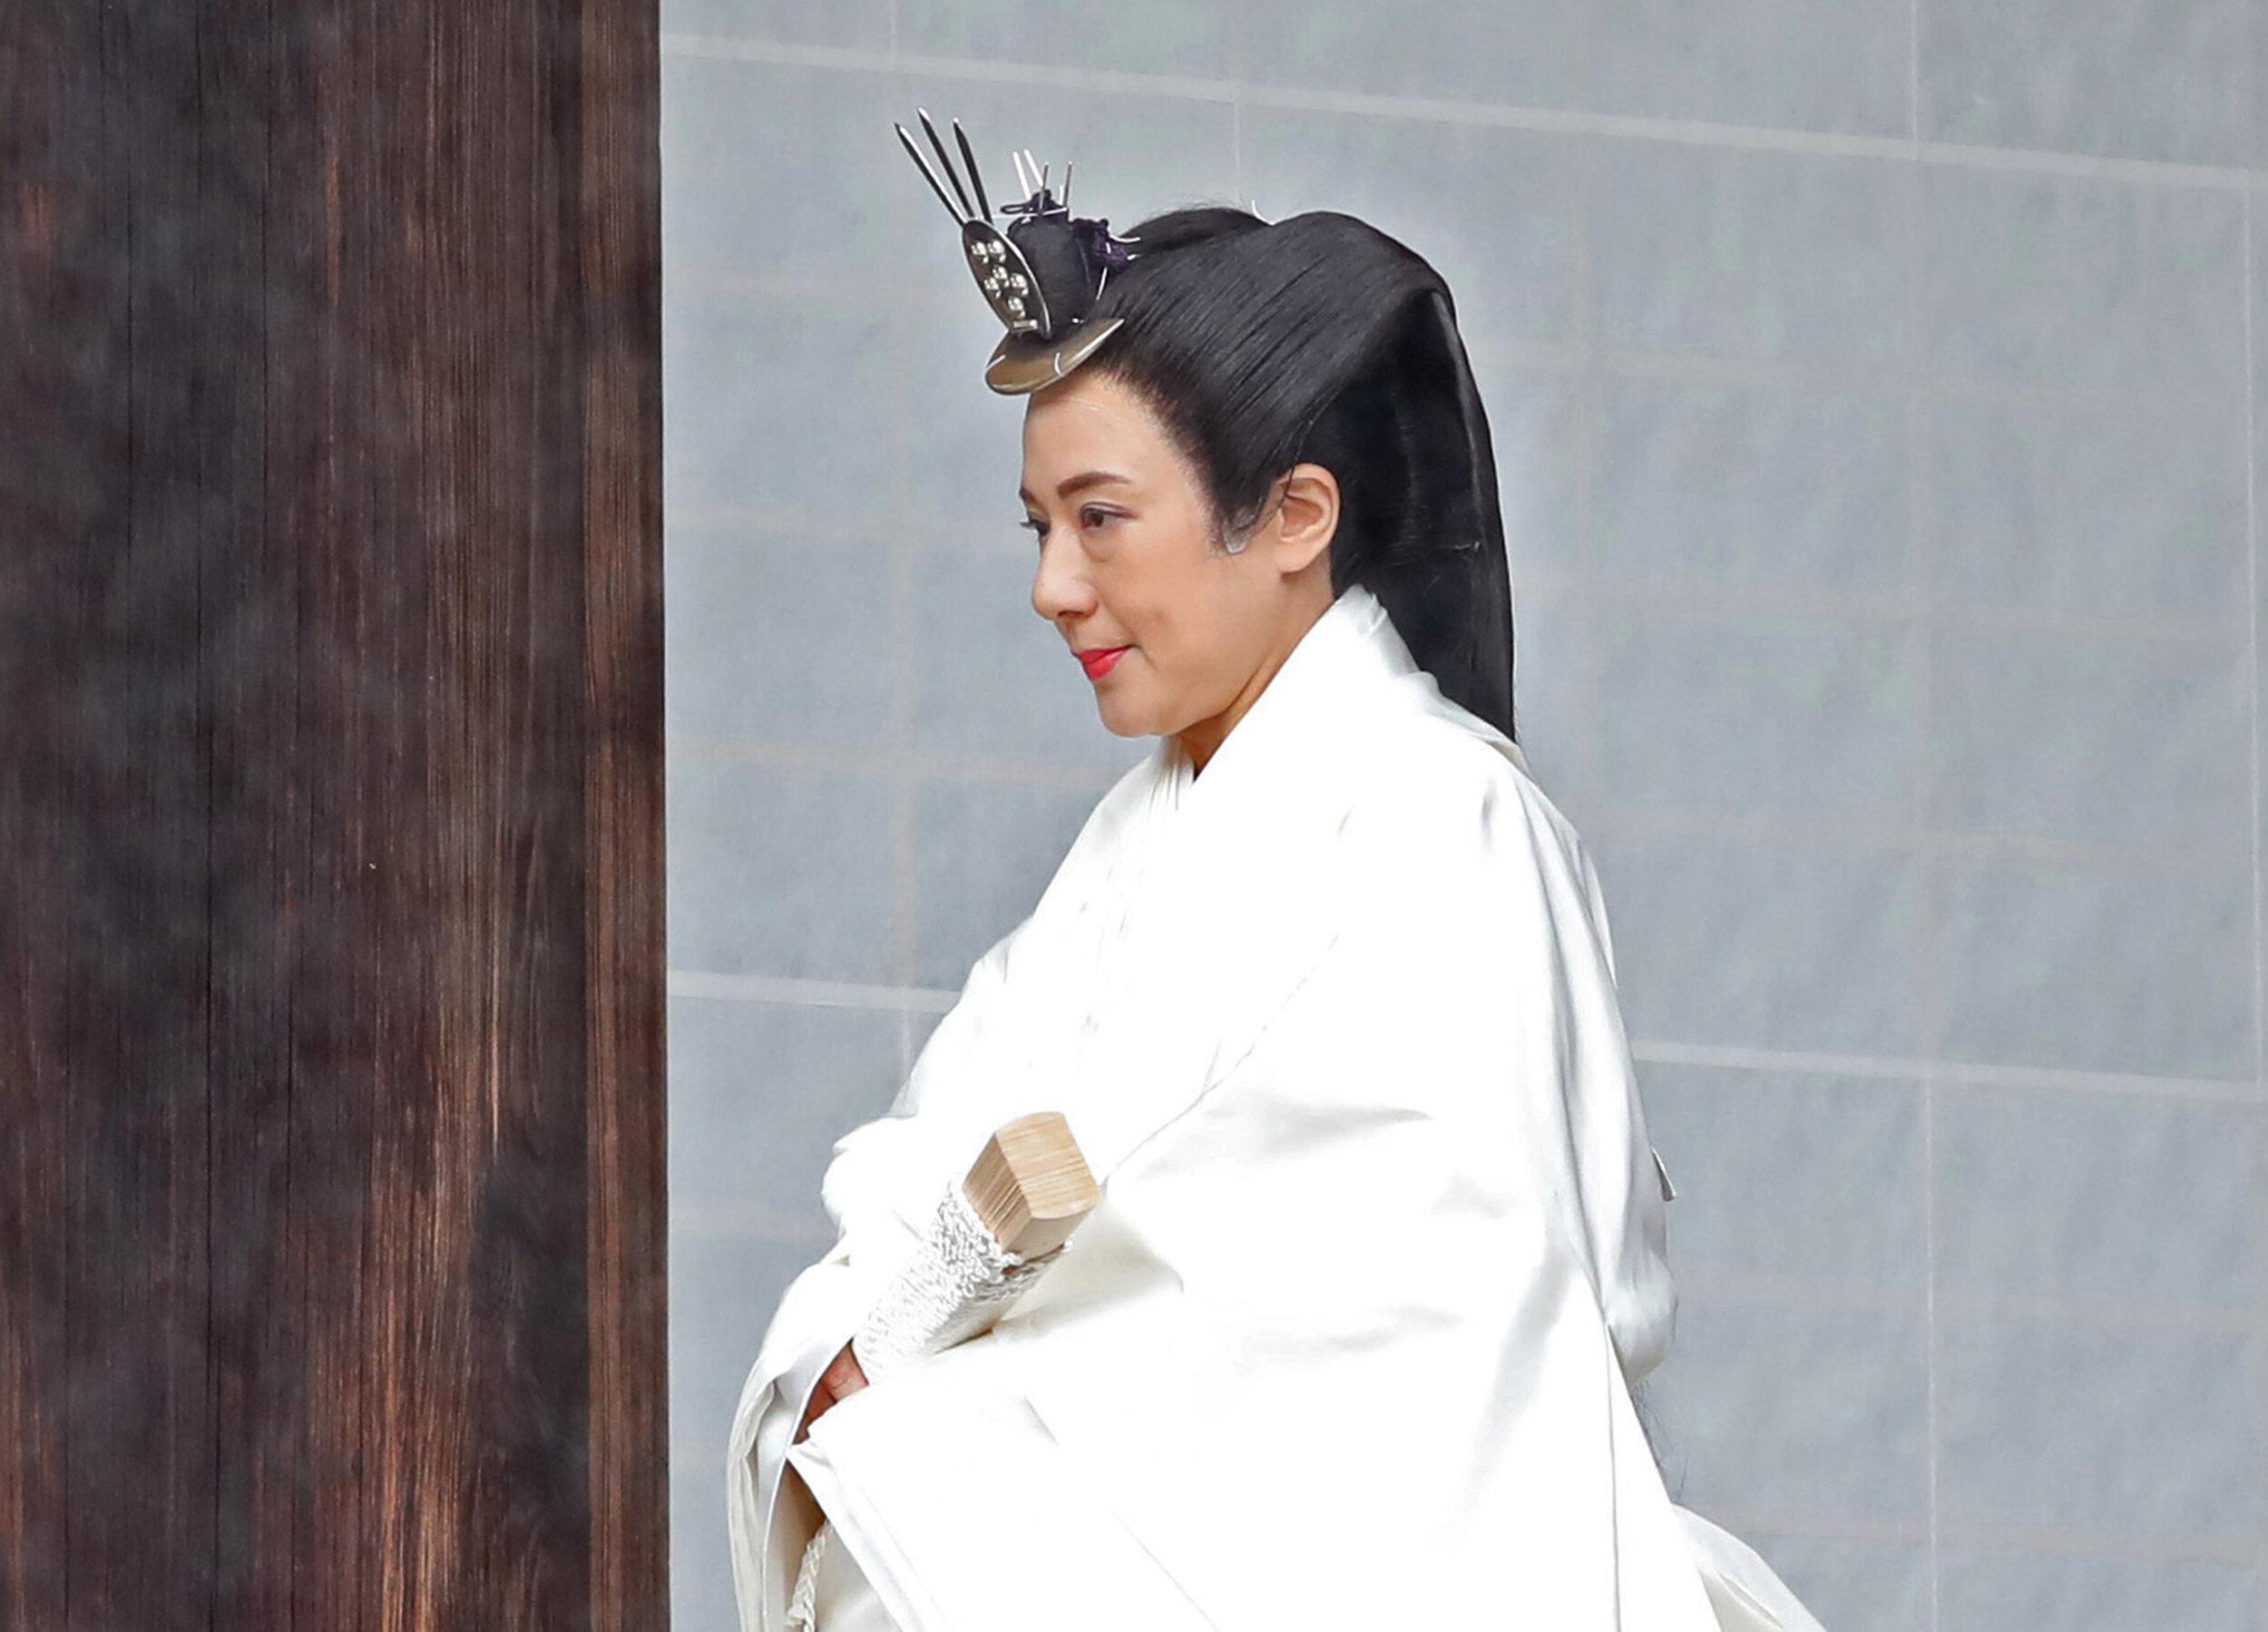 """Kaiserin Masako trägt für die """"Sokuirei-Tojitsu-Kashikodokoro-Omae-no-gi""""-Zeremonie ein traditionelles Gewand. Zudem ist zu erkennen, dass die Japanerin eine Perücke trägt.  © picture alliance / AP Image"""